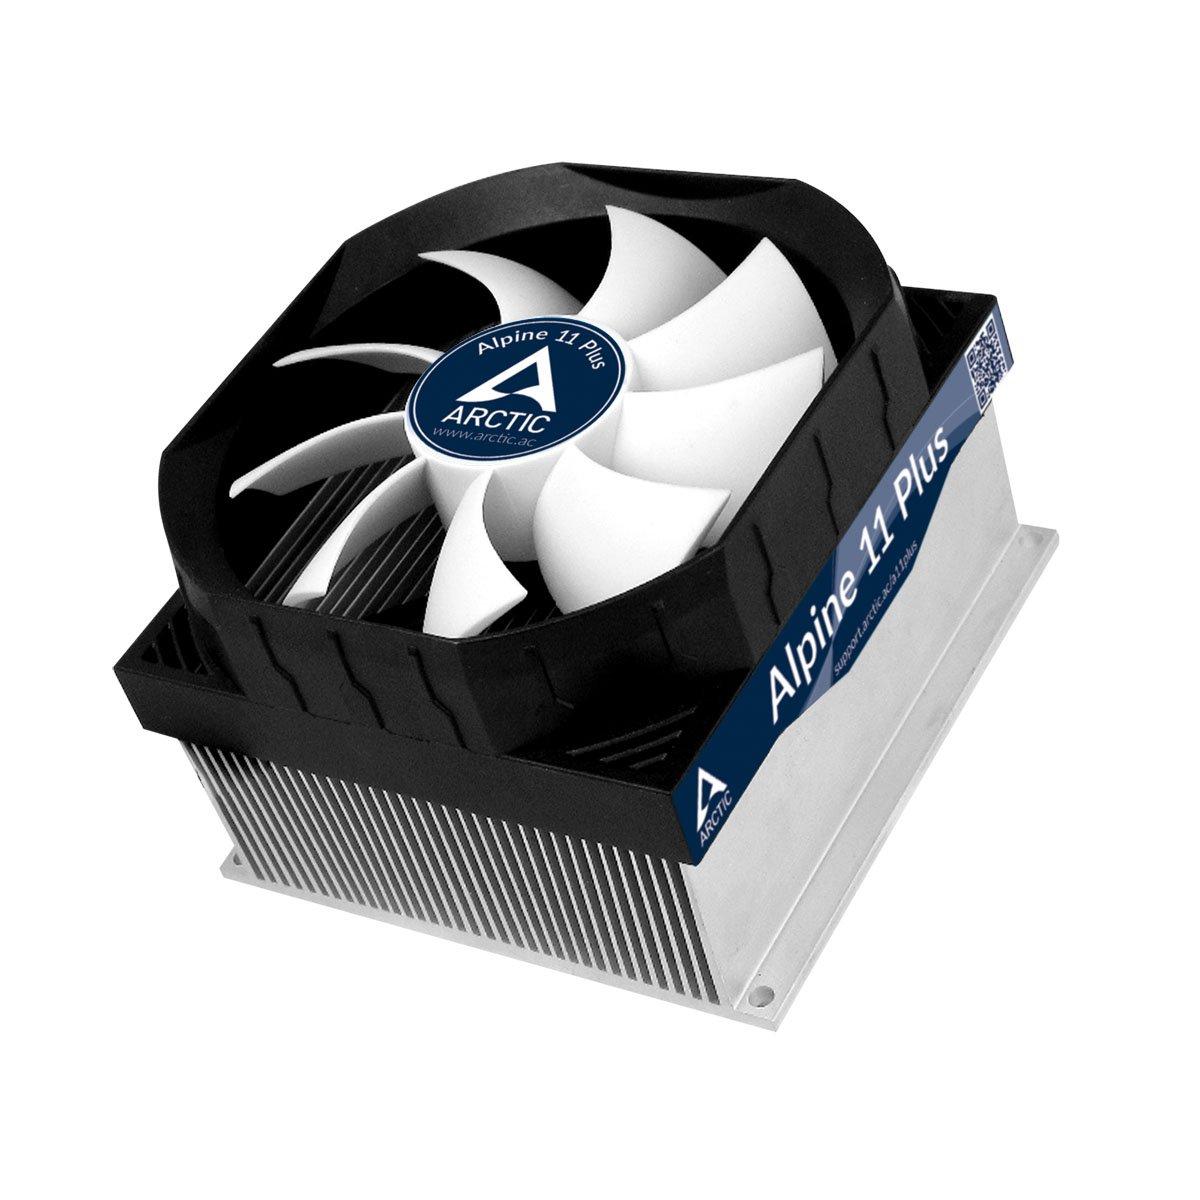 CPU Cooler ARCTIC Alpine 11 Plus - Intel Supports Multiple S